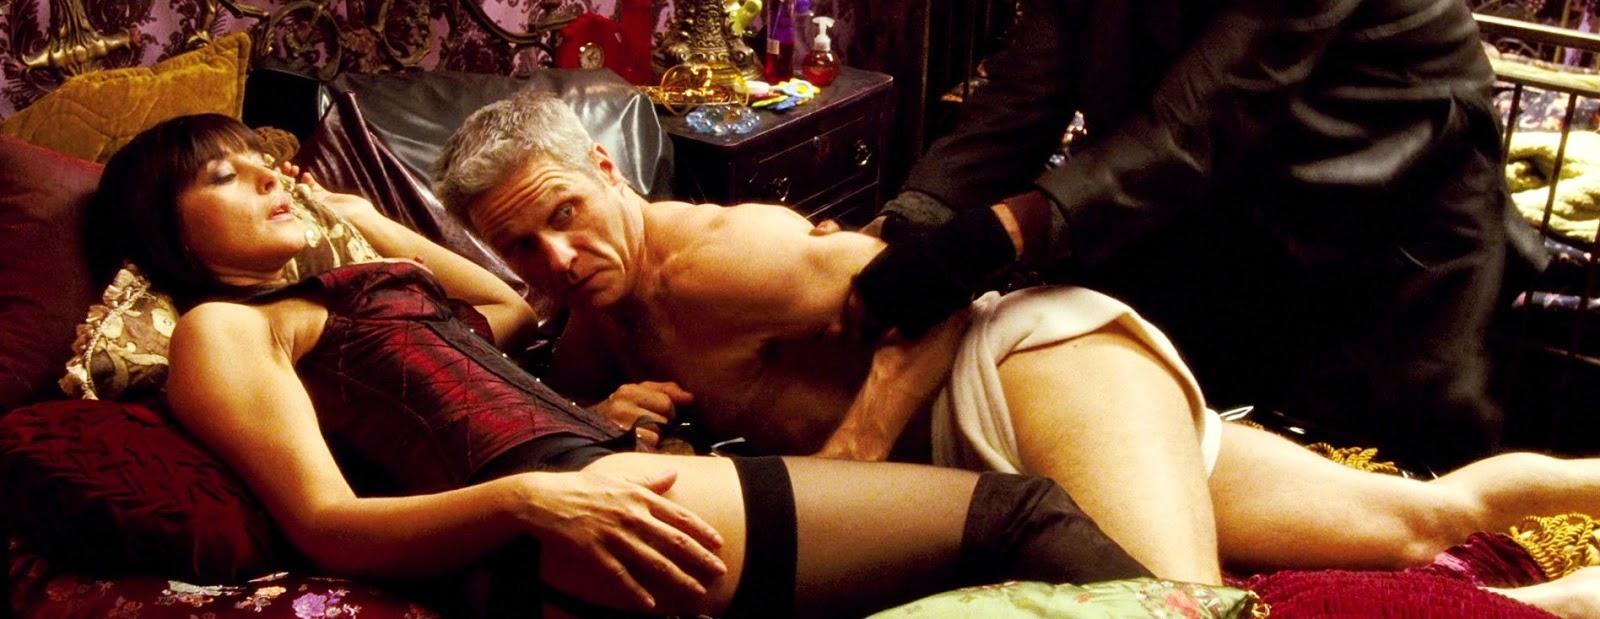 Секс с моникой беллучи 19 фотография